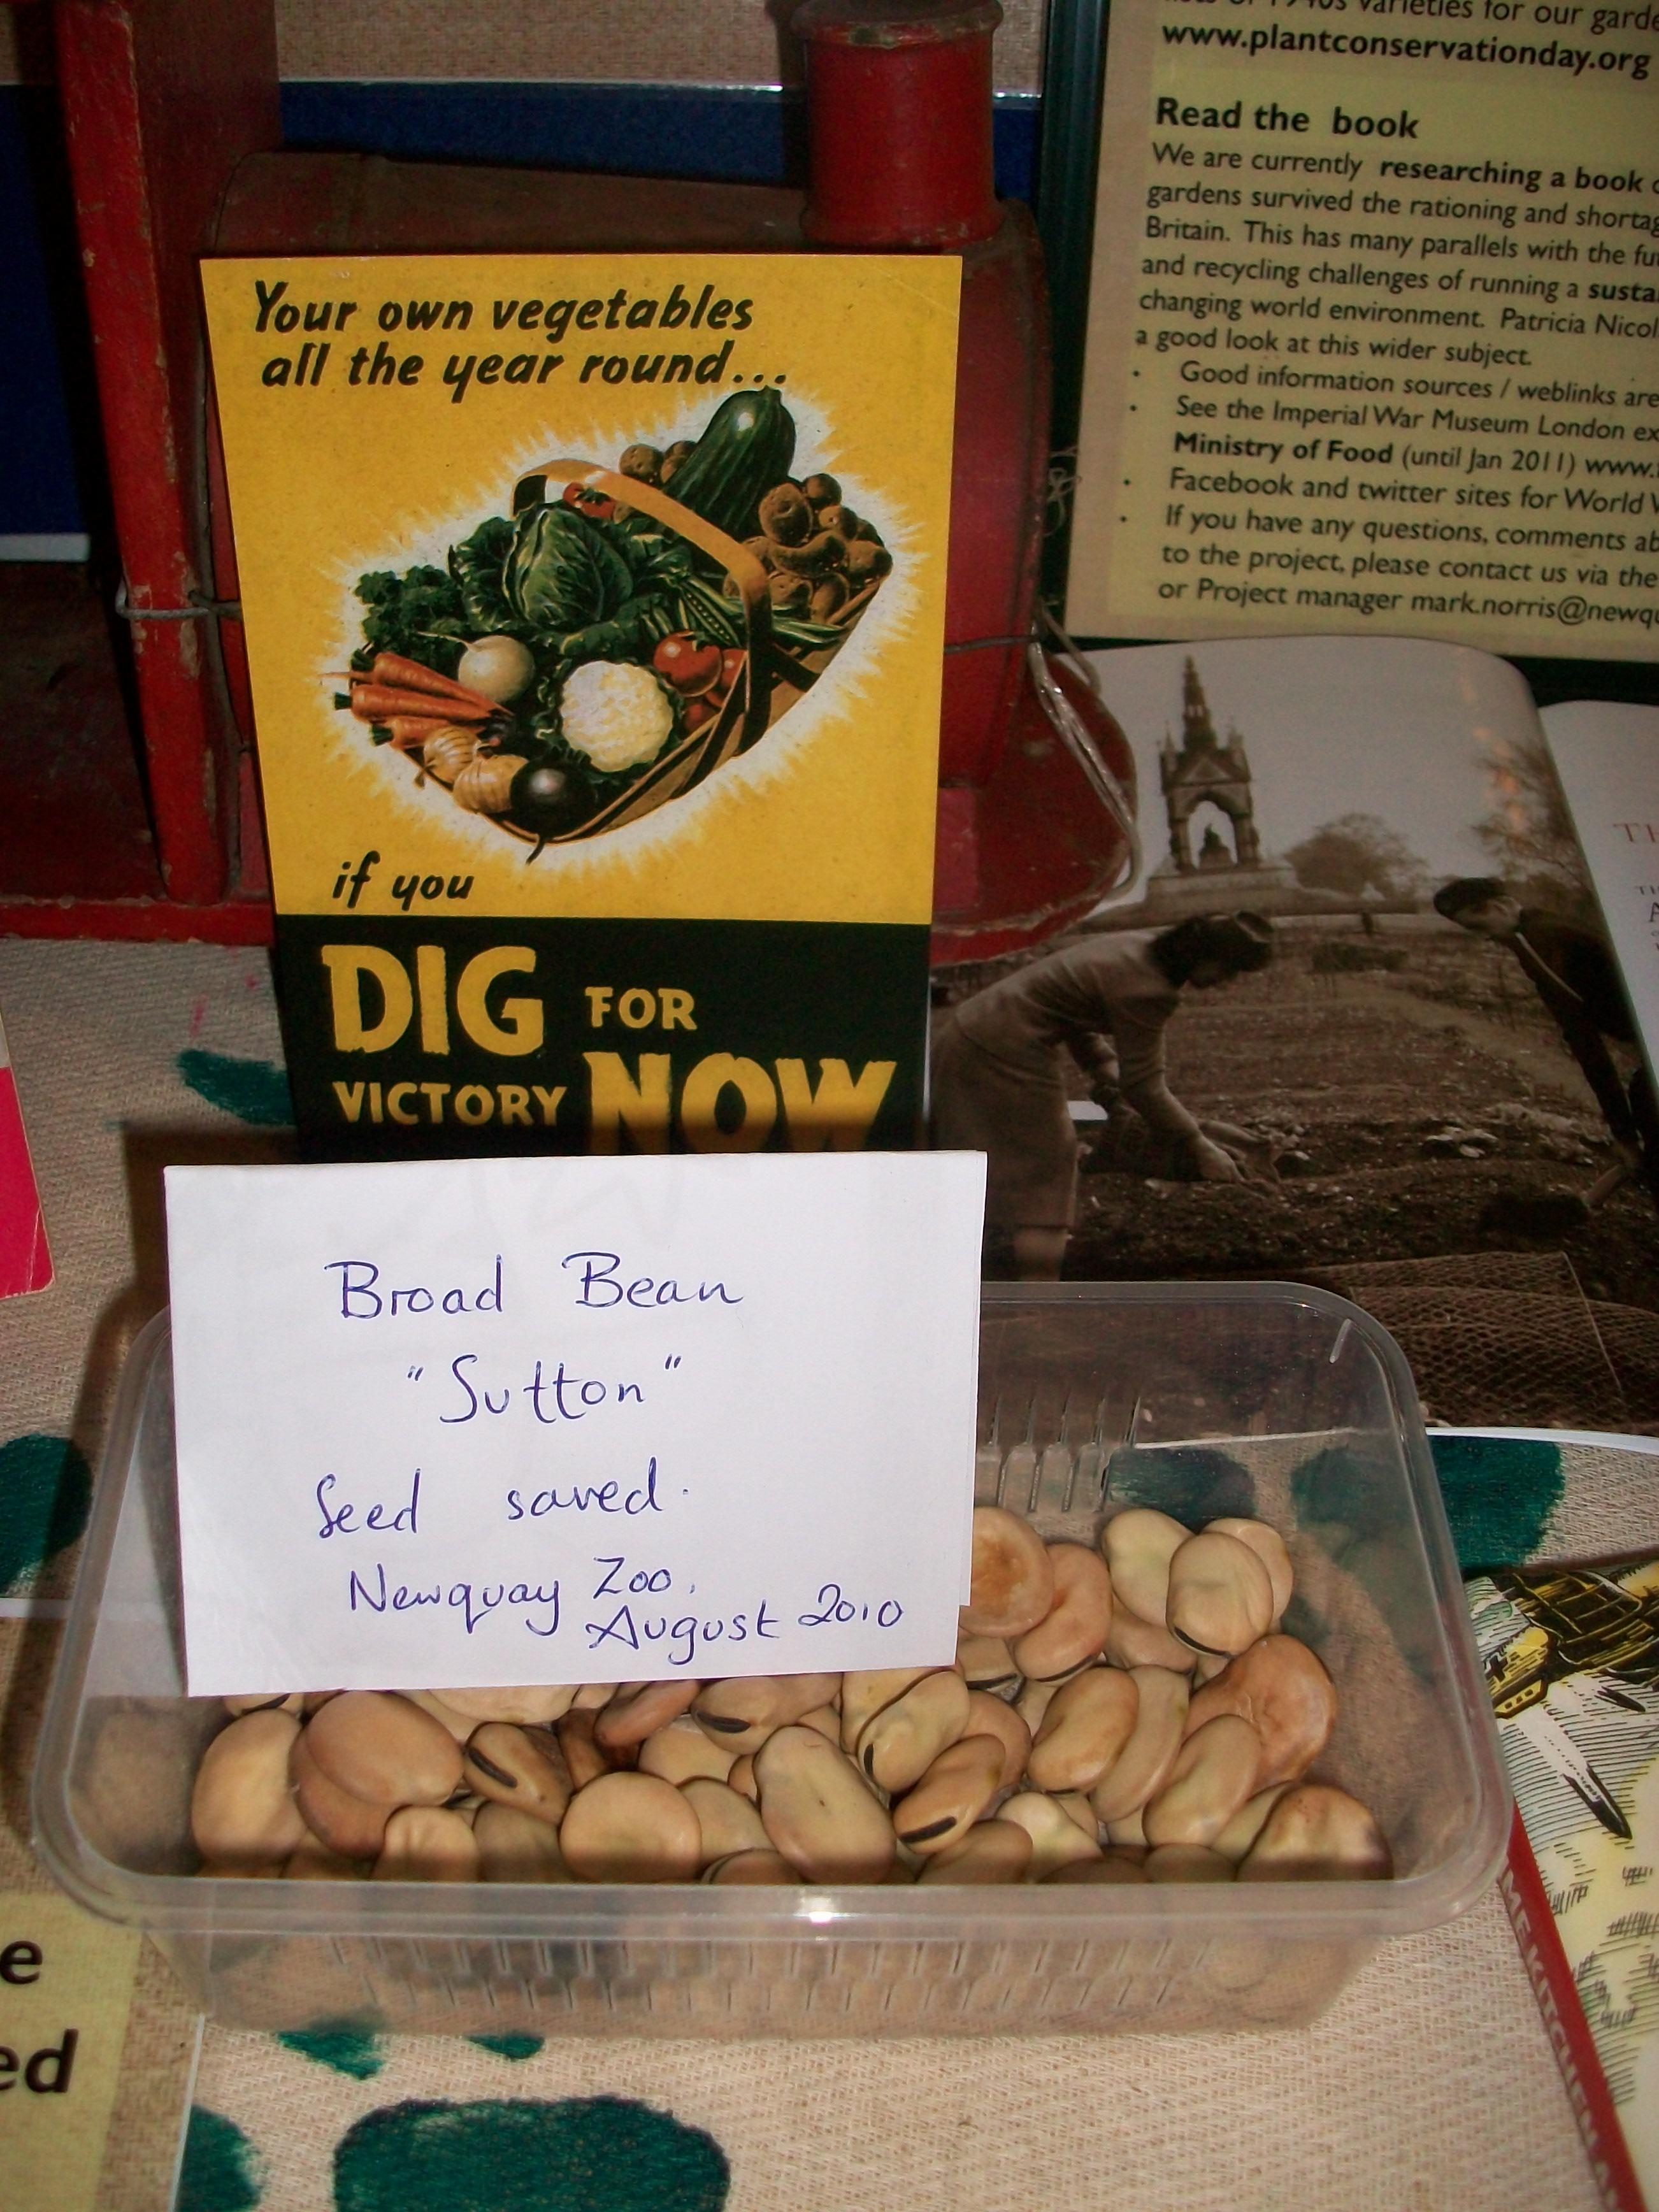 Wartime Kitchen And Garden December 2010 Worldwarzoogardener1939s Blog